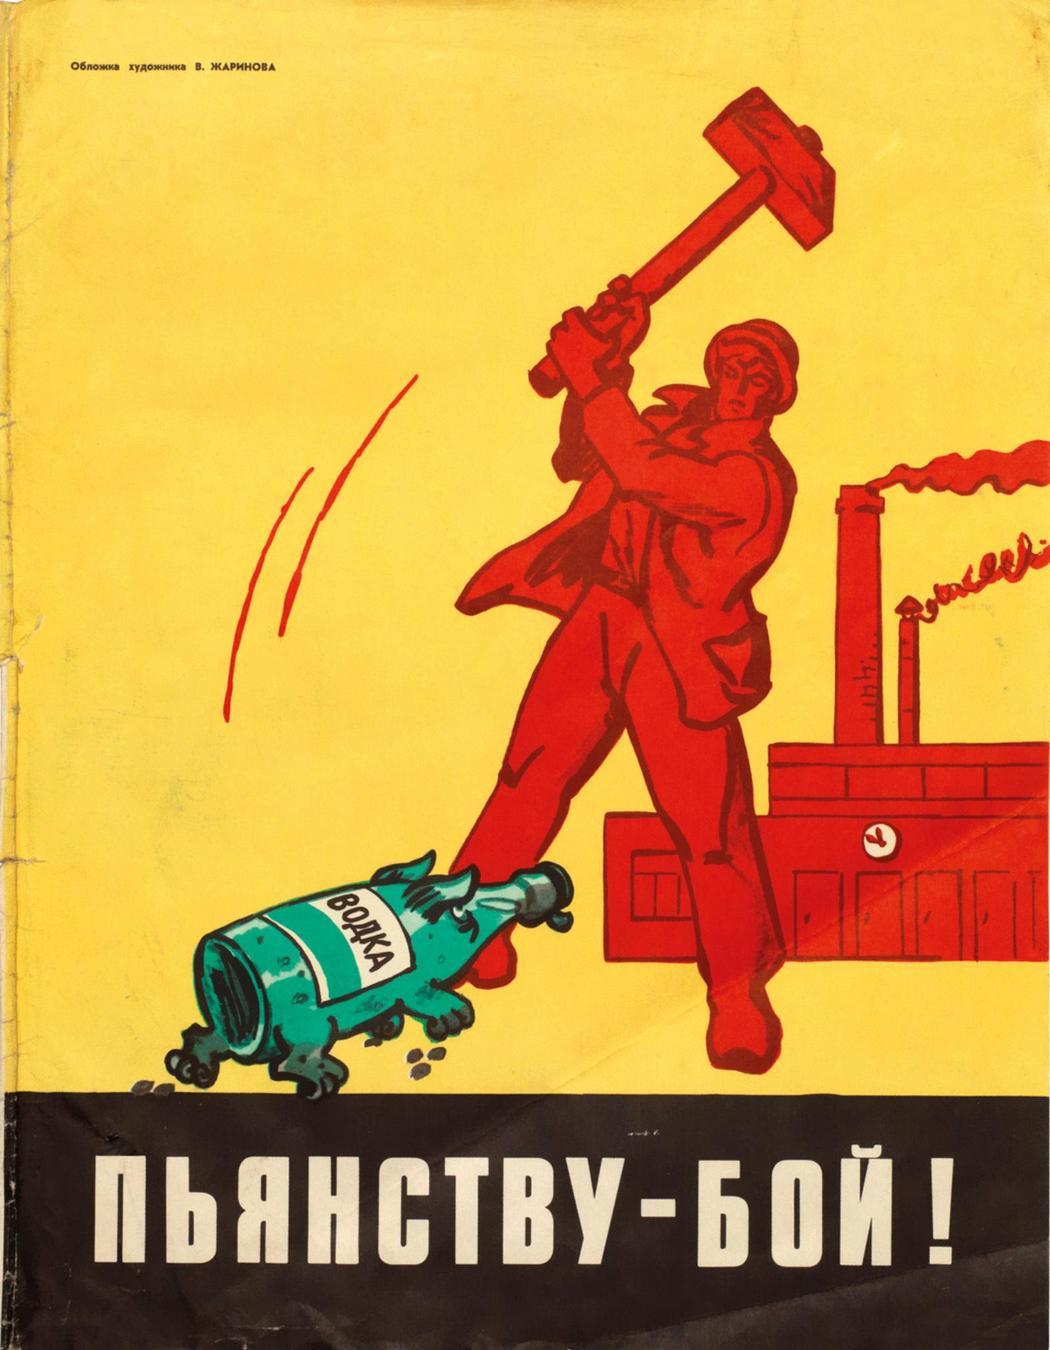 """""""Бой по пиянството"""", В. Захаринов, 1977"""